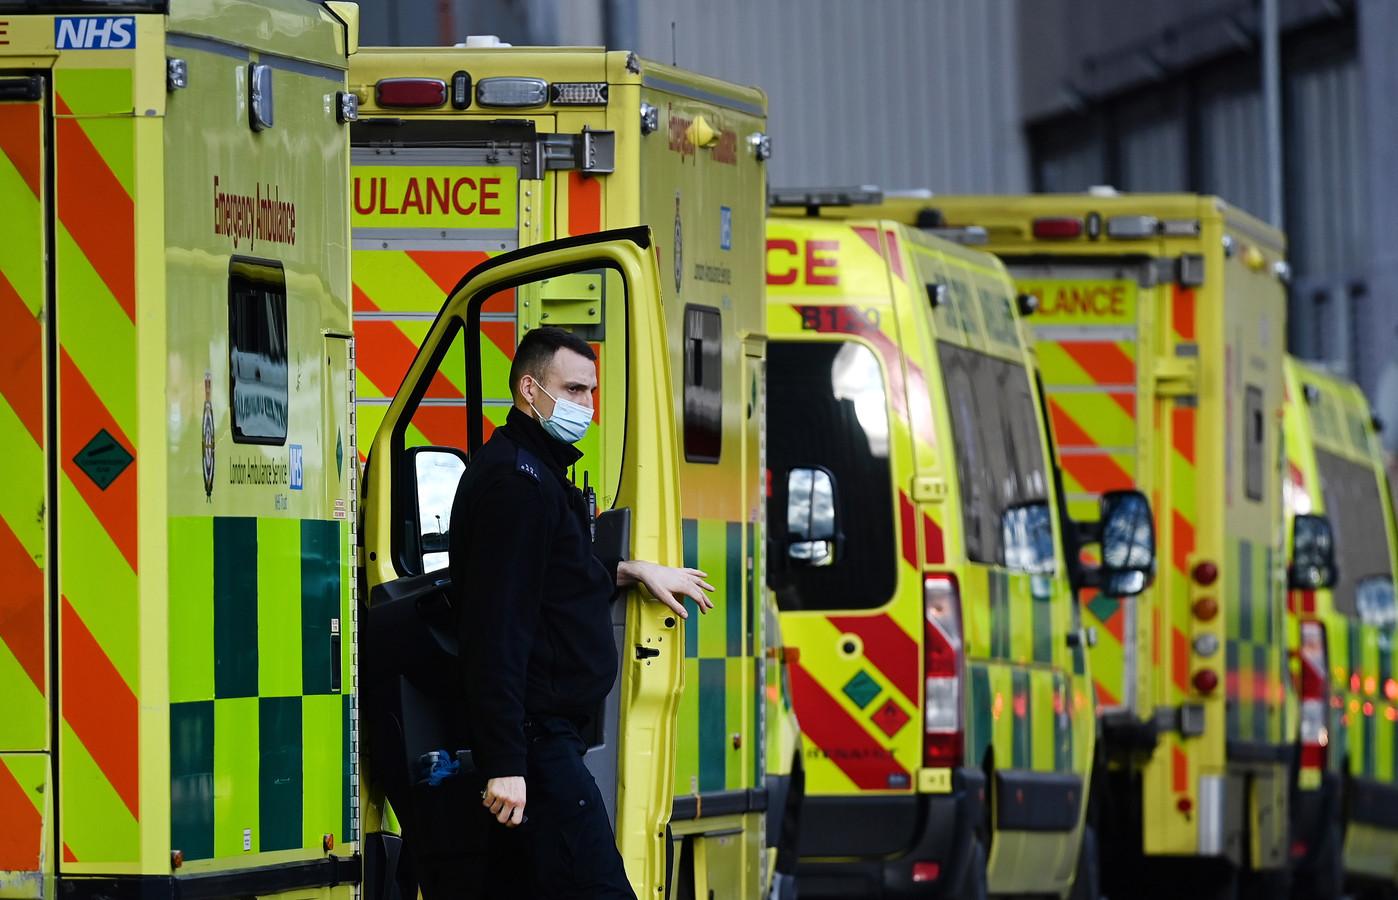 Ziekenhuizen vrezen voor files van ambulances zoals hier bij het Royal London hospital in Londen. Volgens hoogleraar zorgeconomie Marcel Canoy doet Nederland te weinig om dit te voorkomen.